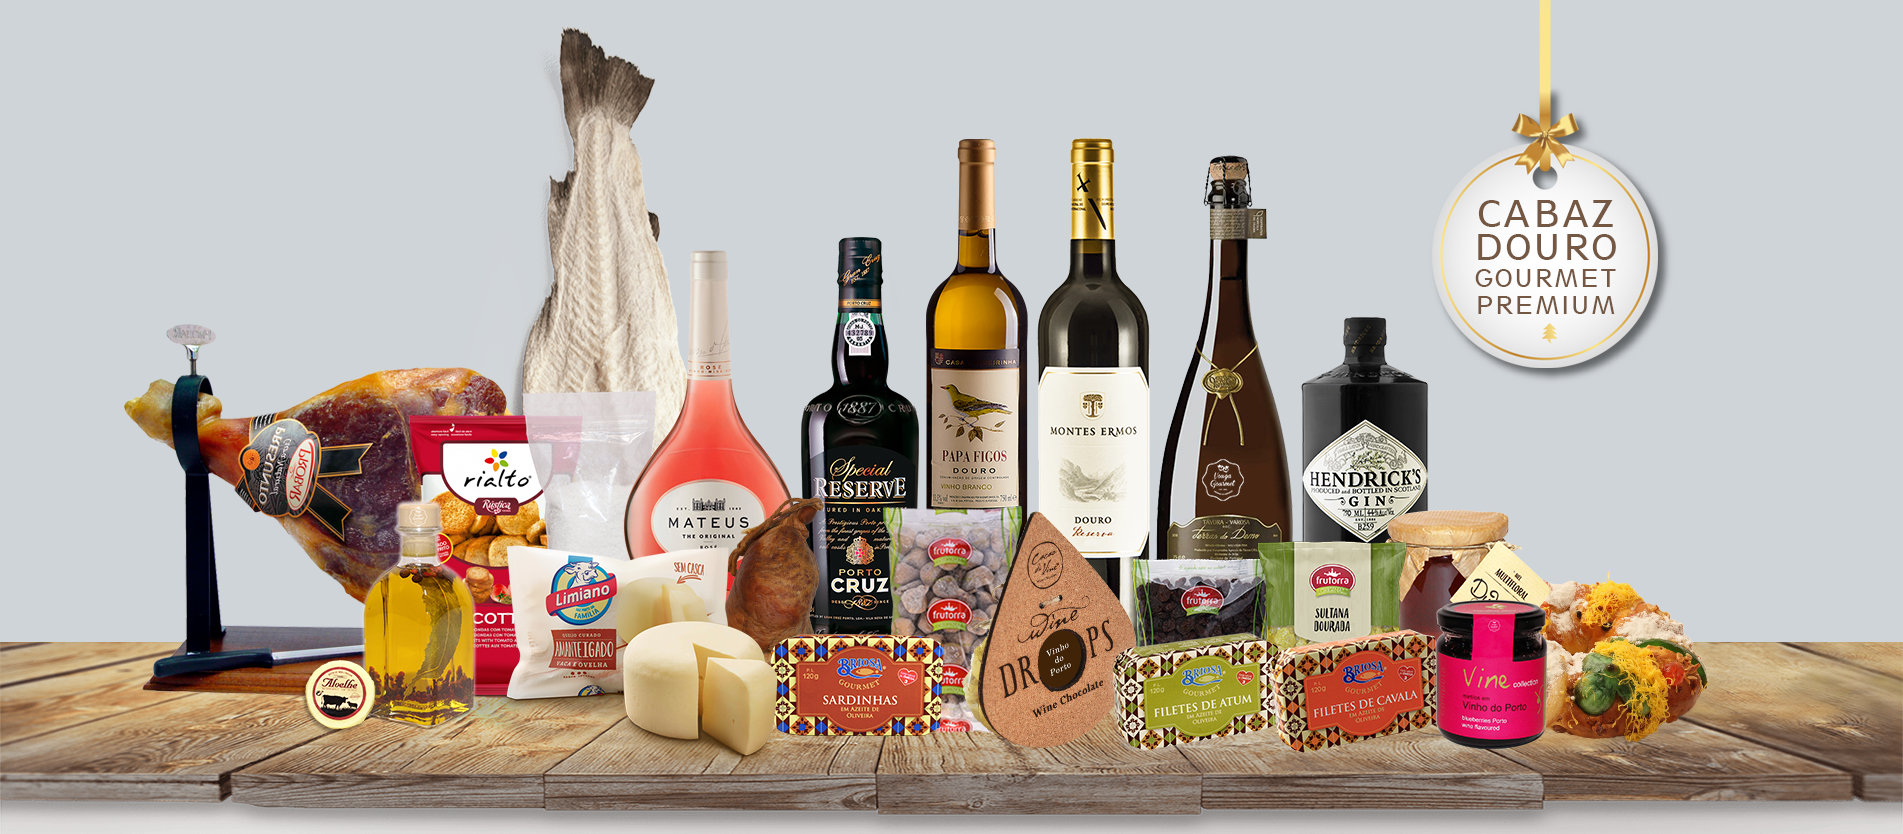 Cabazes de Natal Regionais Gourmet